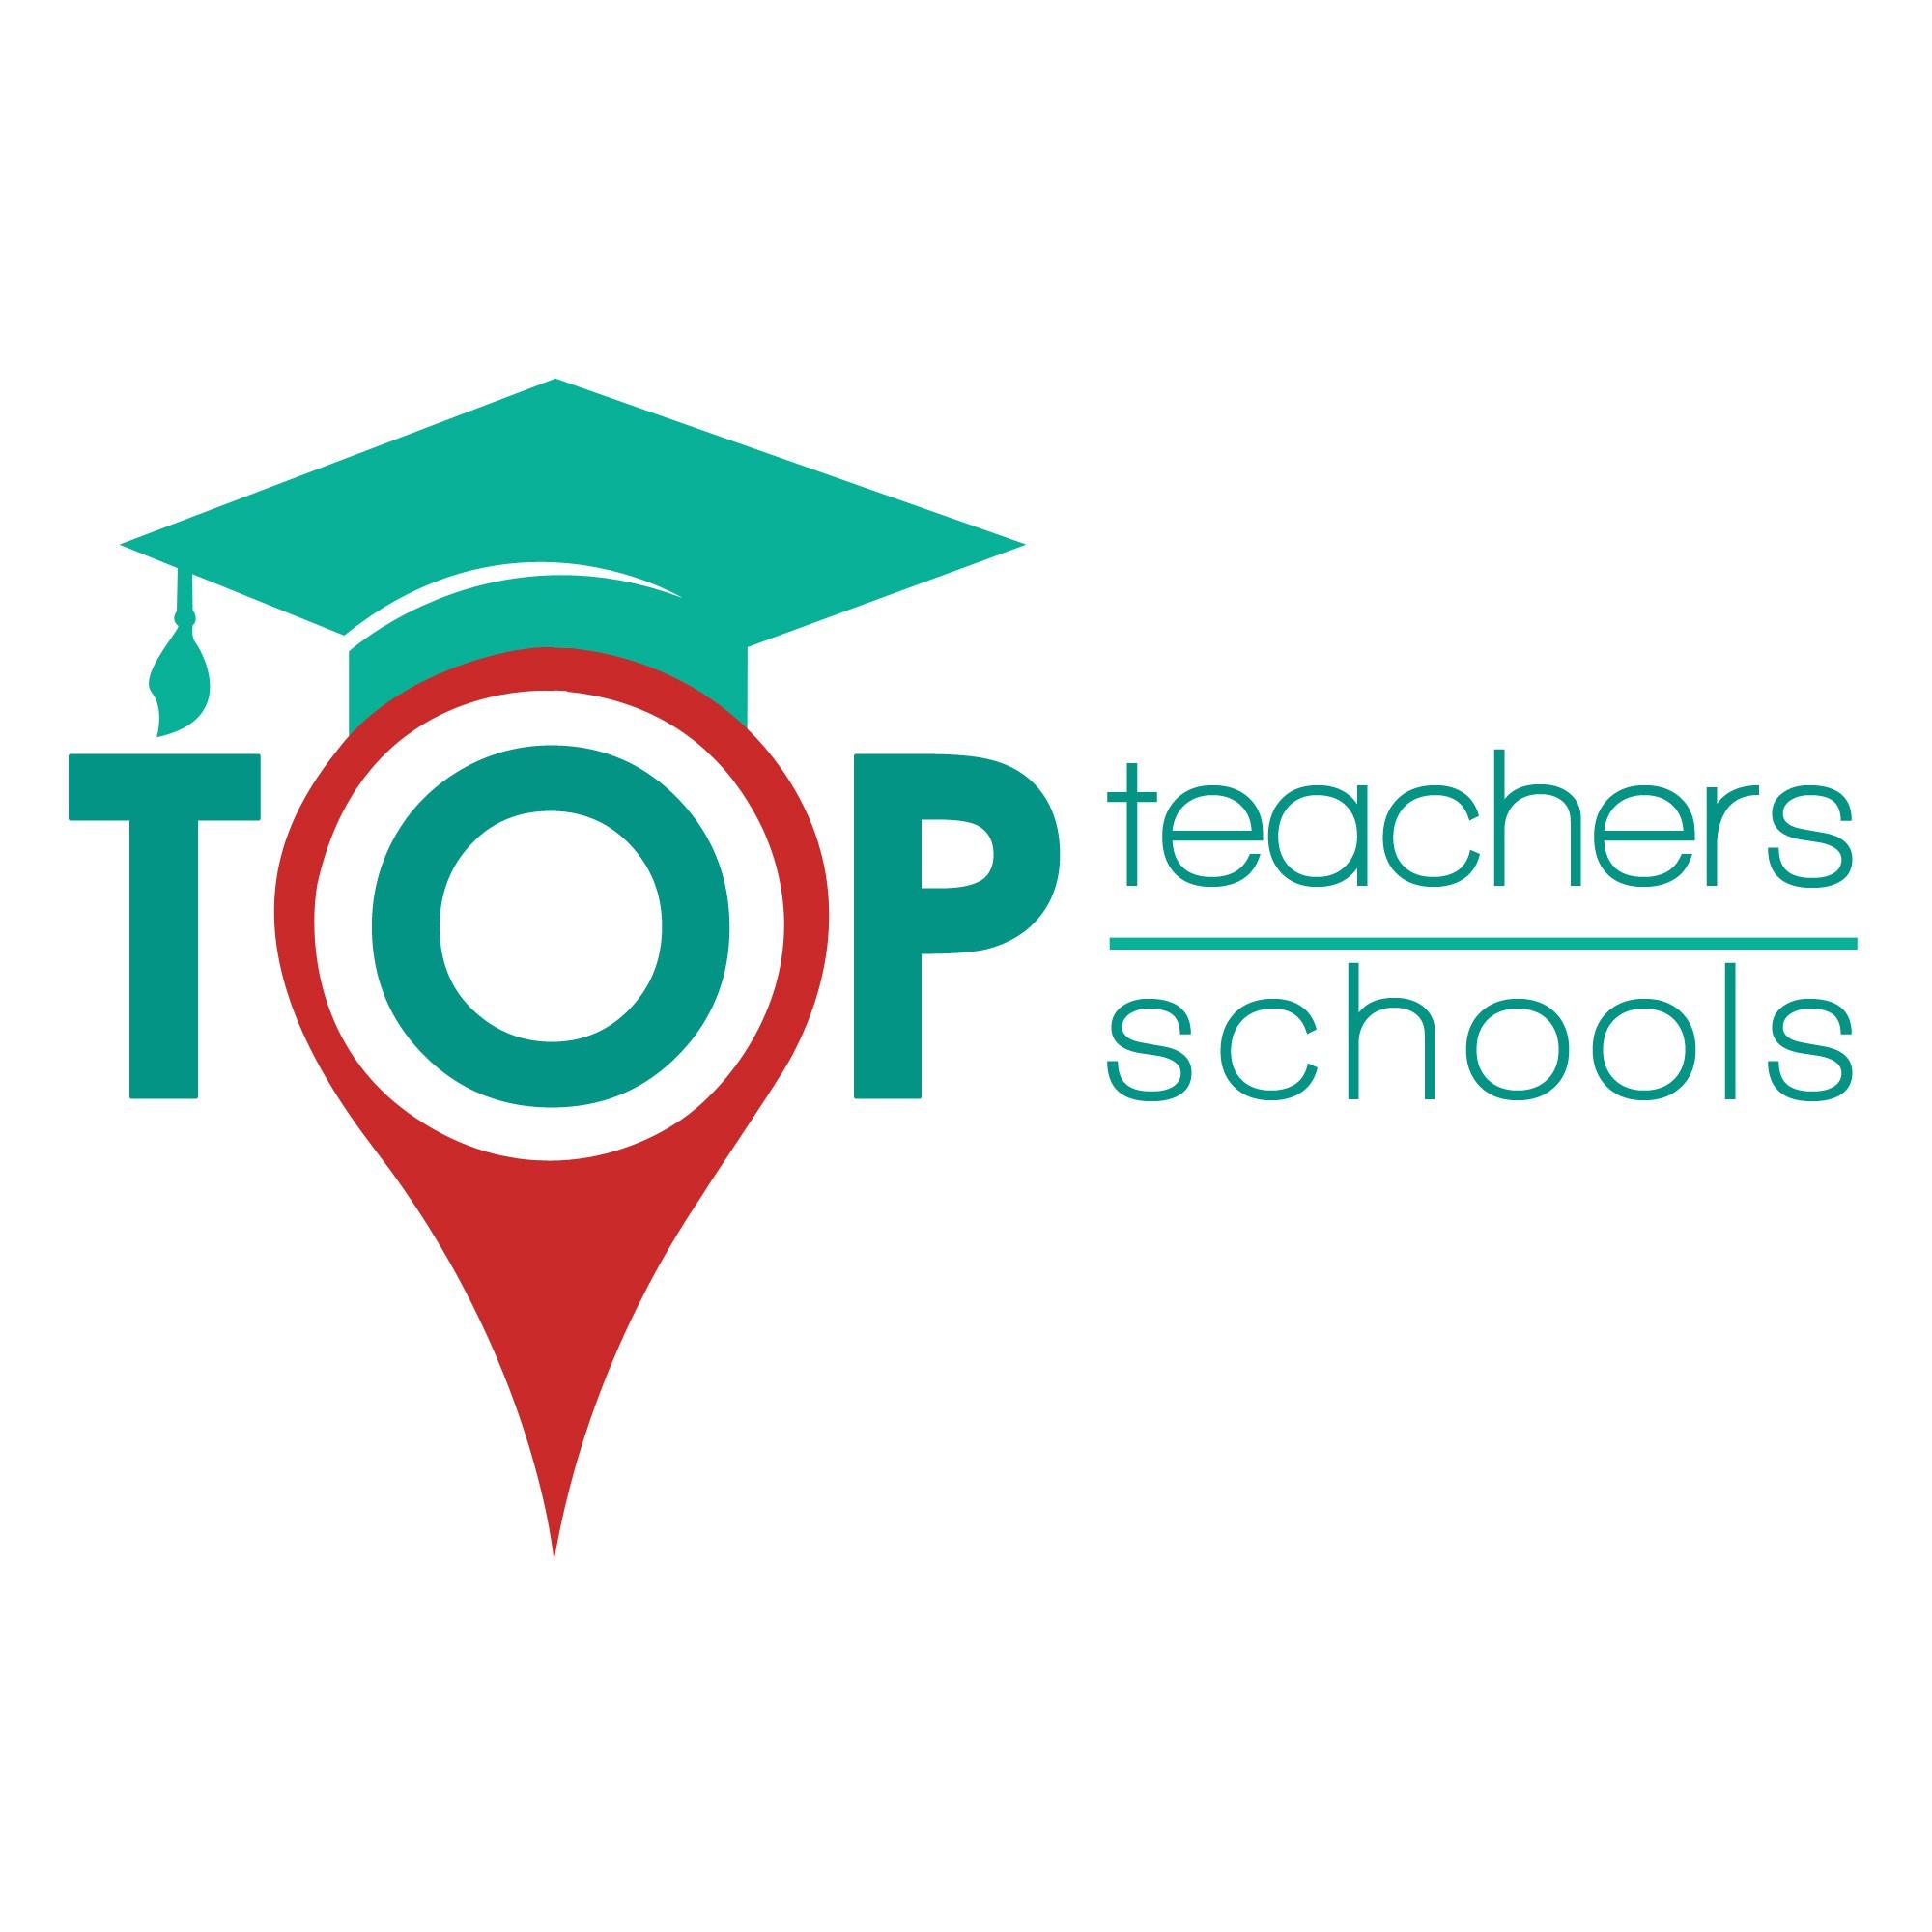 Education logo needed TODAY: Top Teachers - Top Schools